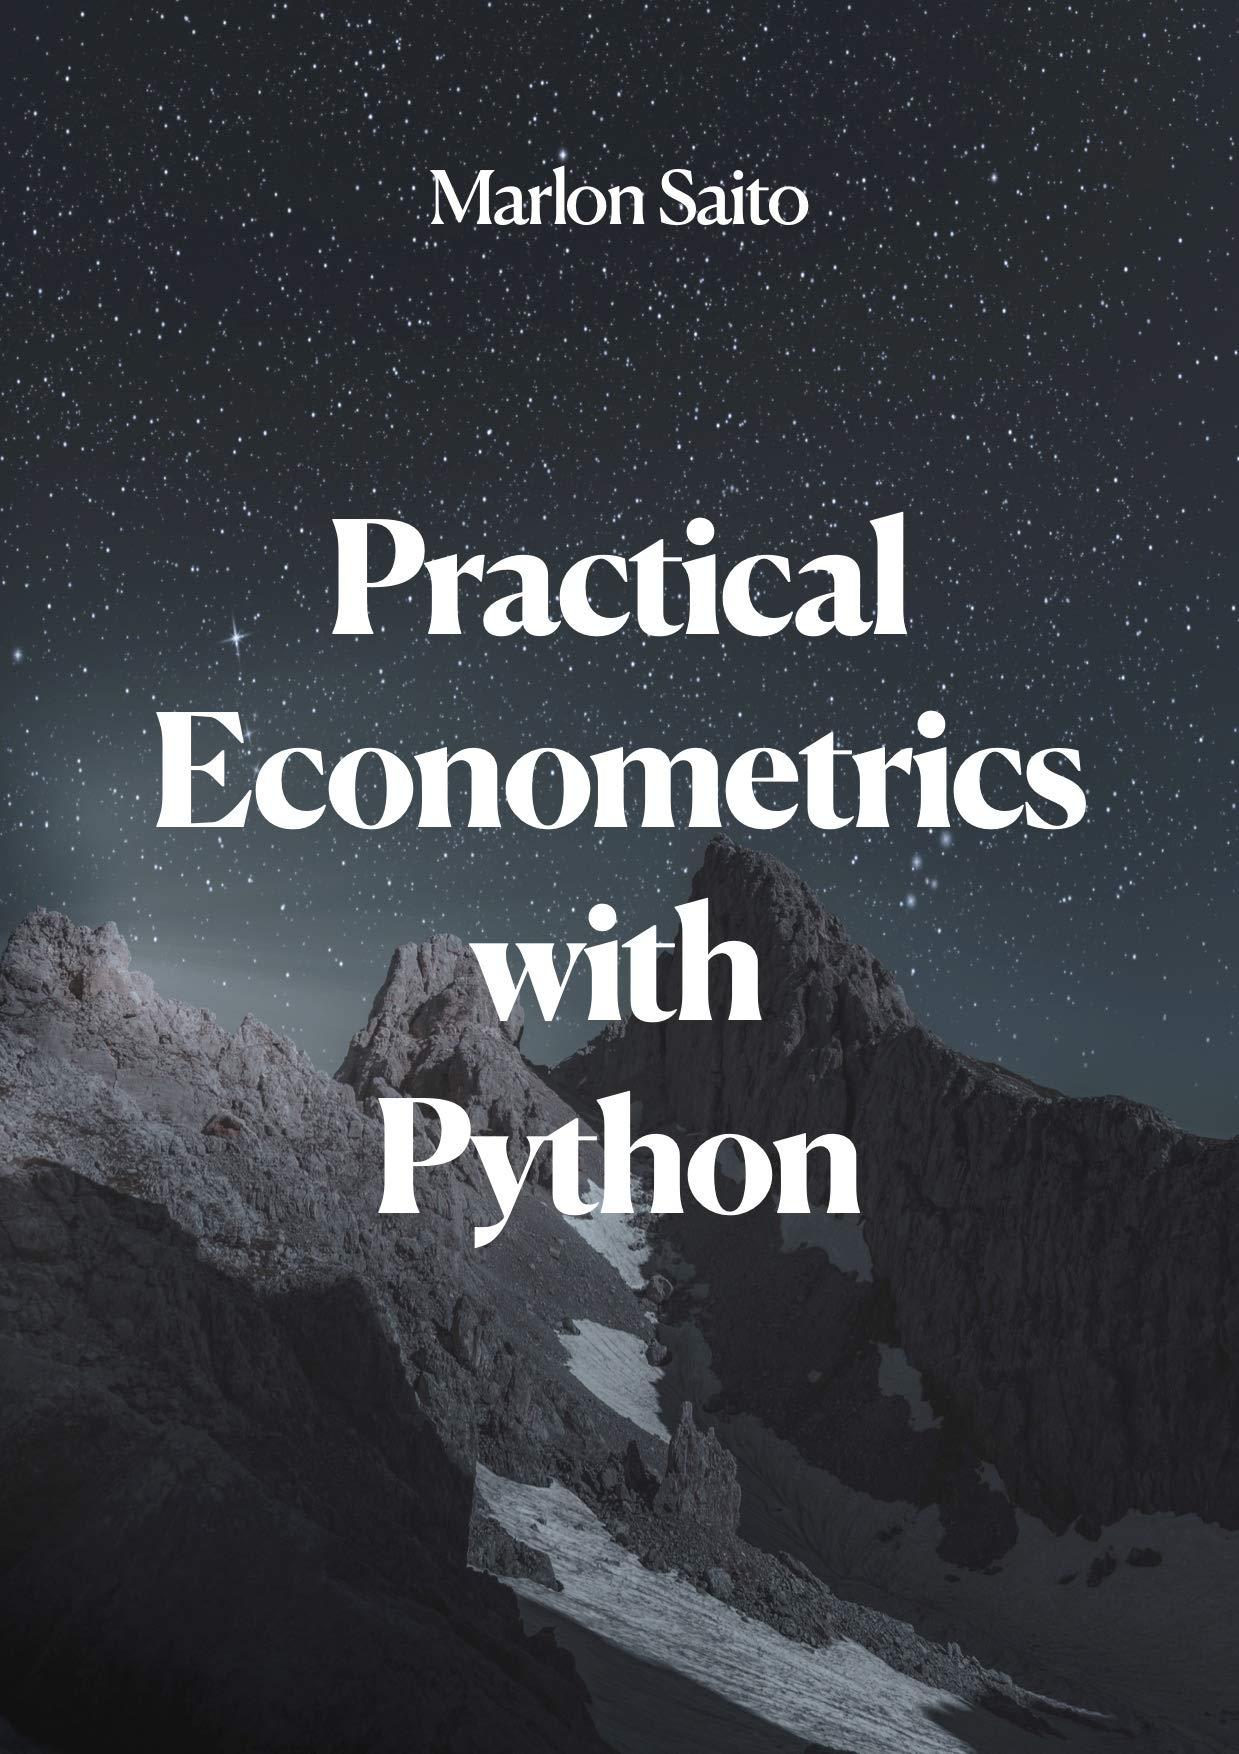 Practical Econometrics with Python